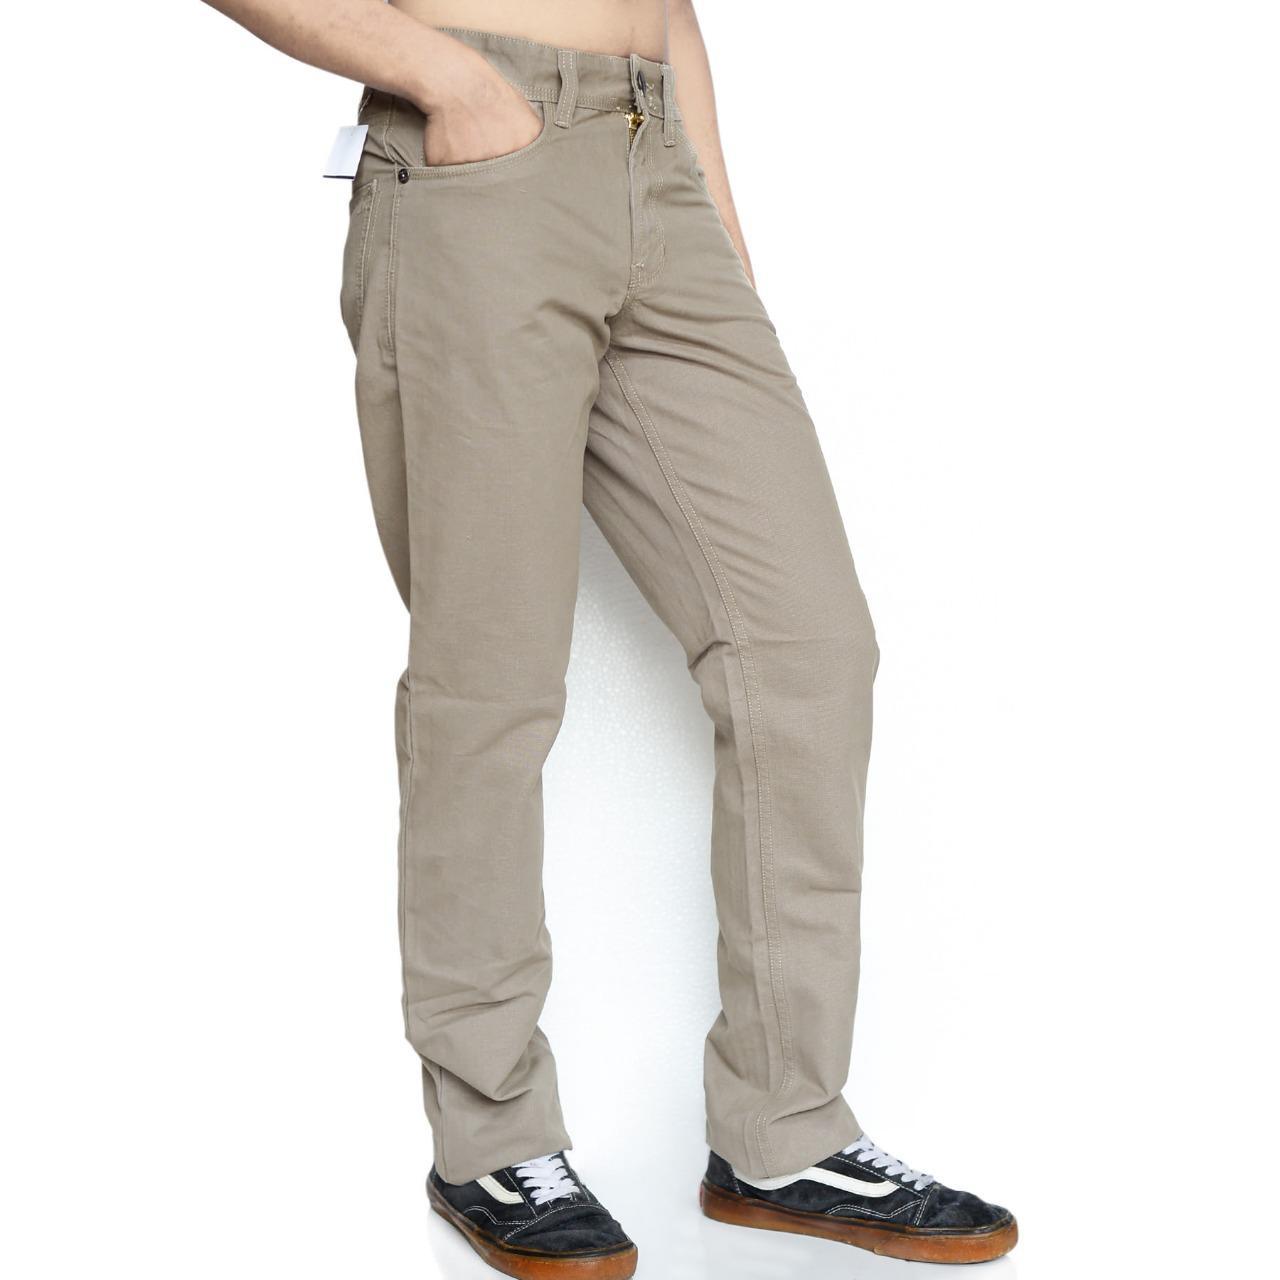 Emba Casual Celana Panjang Pria EPA 012 Modern Basic 116-01805-26 Light Brown